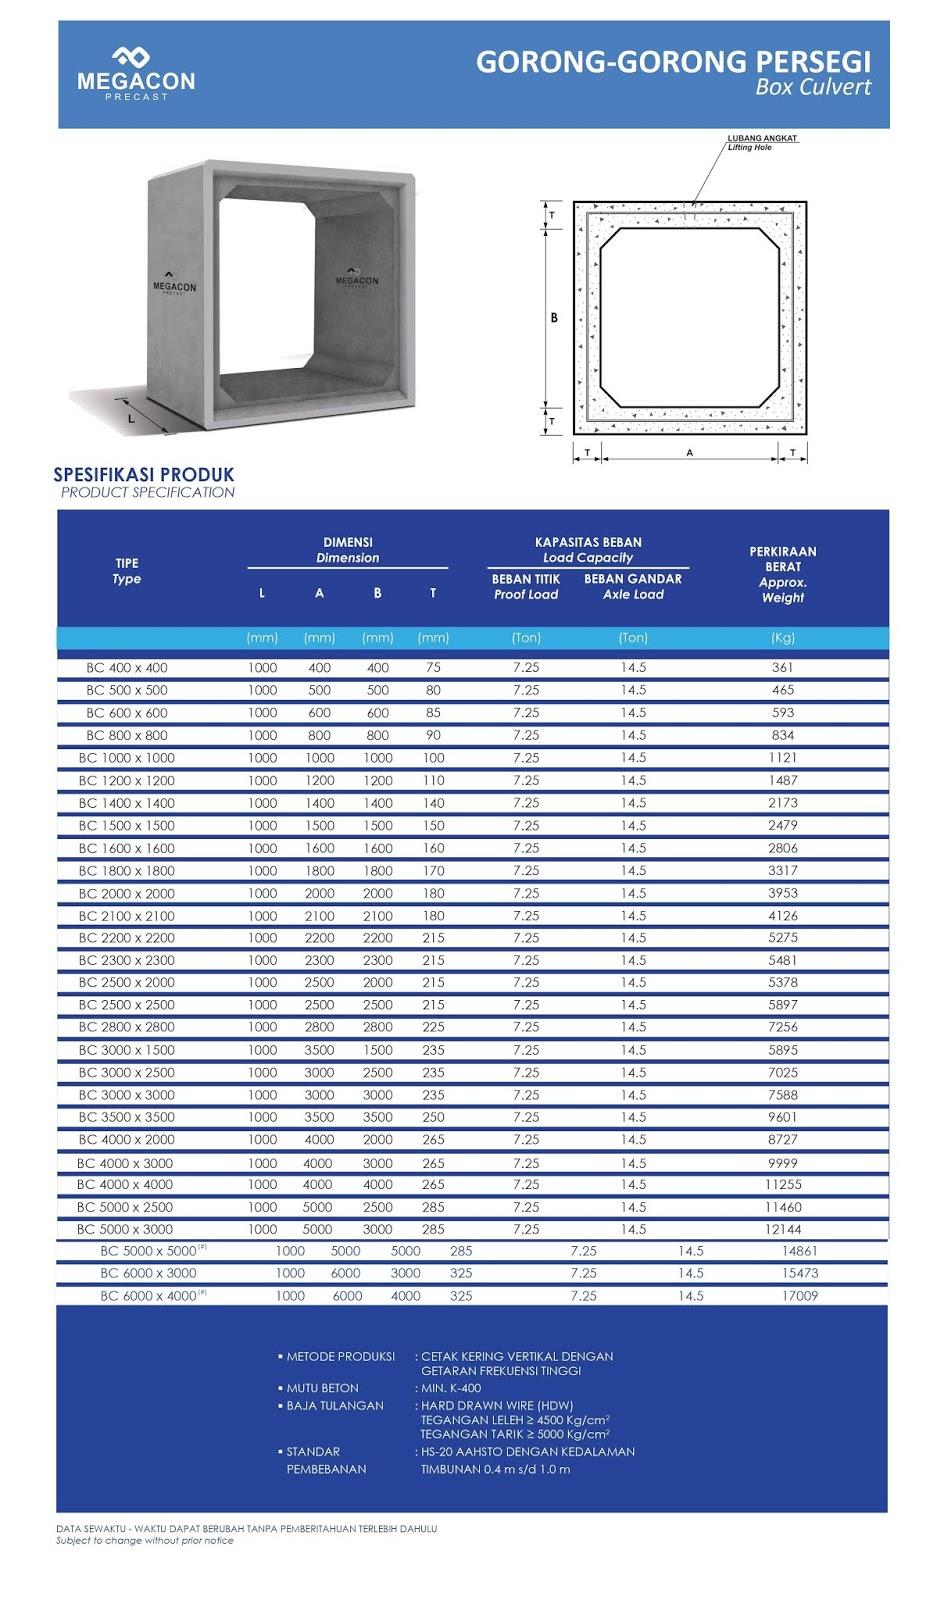 harga box culvert megacon Semarang Tengah Semarang